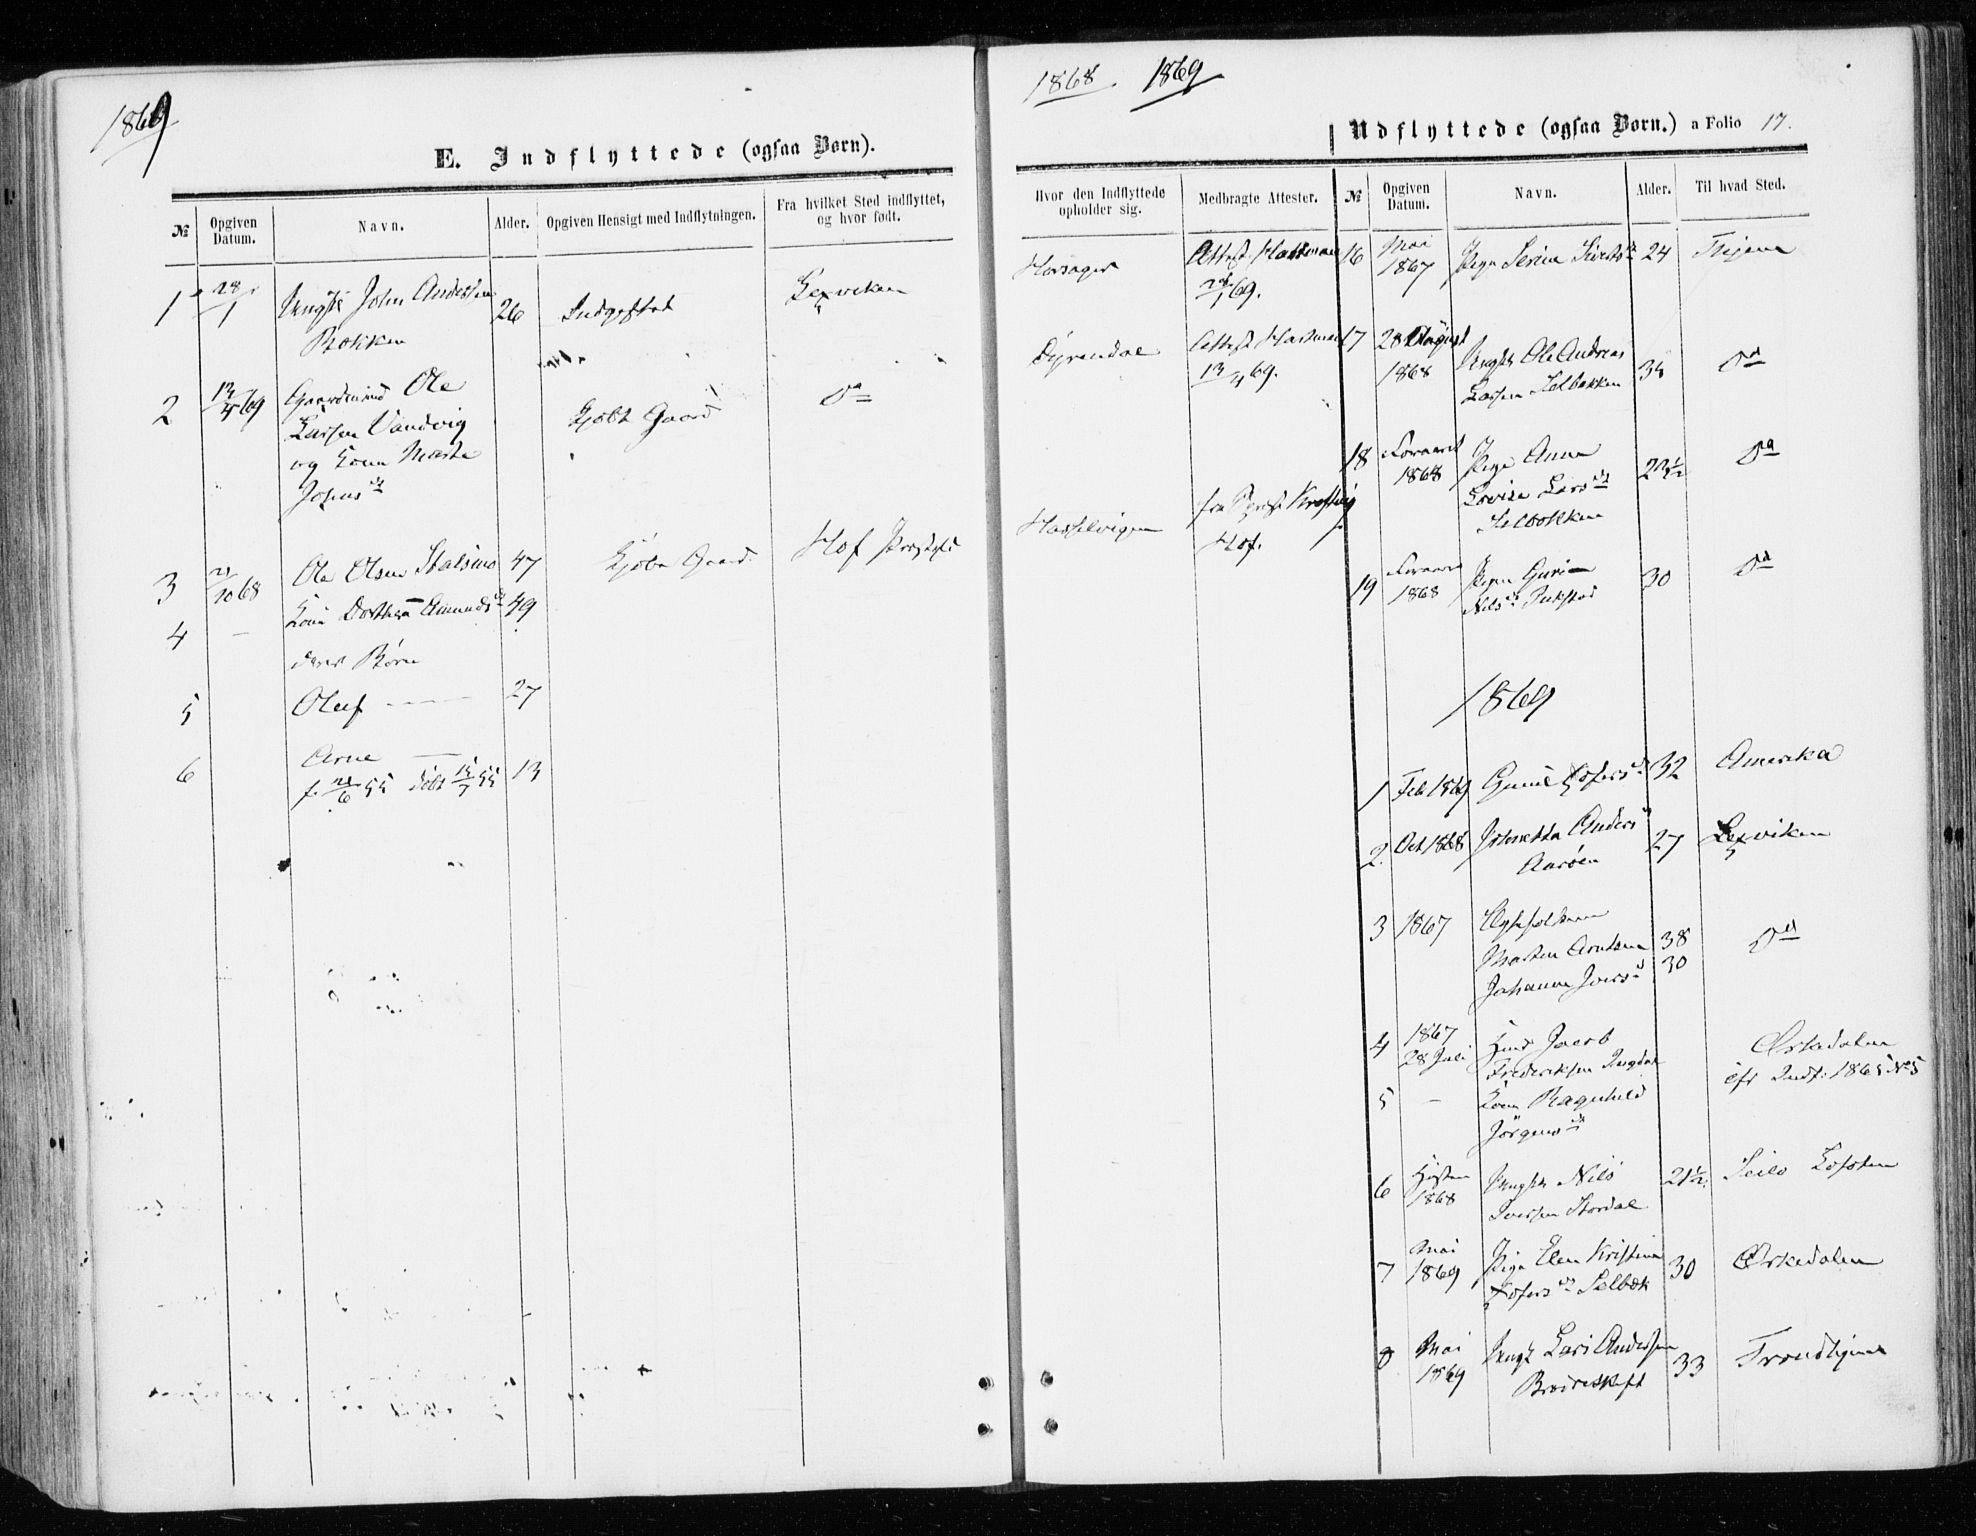 SAT, Ministerialprotokoller, klokkerbøker og fødselsregistre - Sør-Trøndelag, 646/L0612: Ministerialbok nr. 646A10, 1858-1869, s. 17